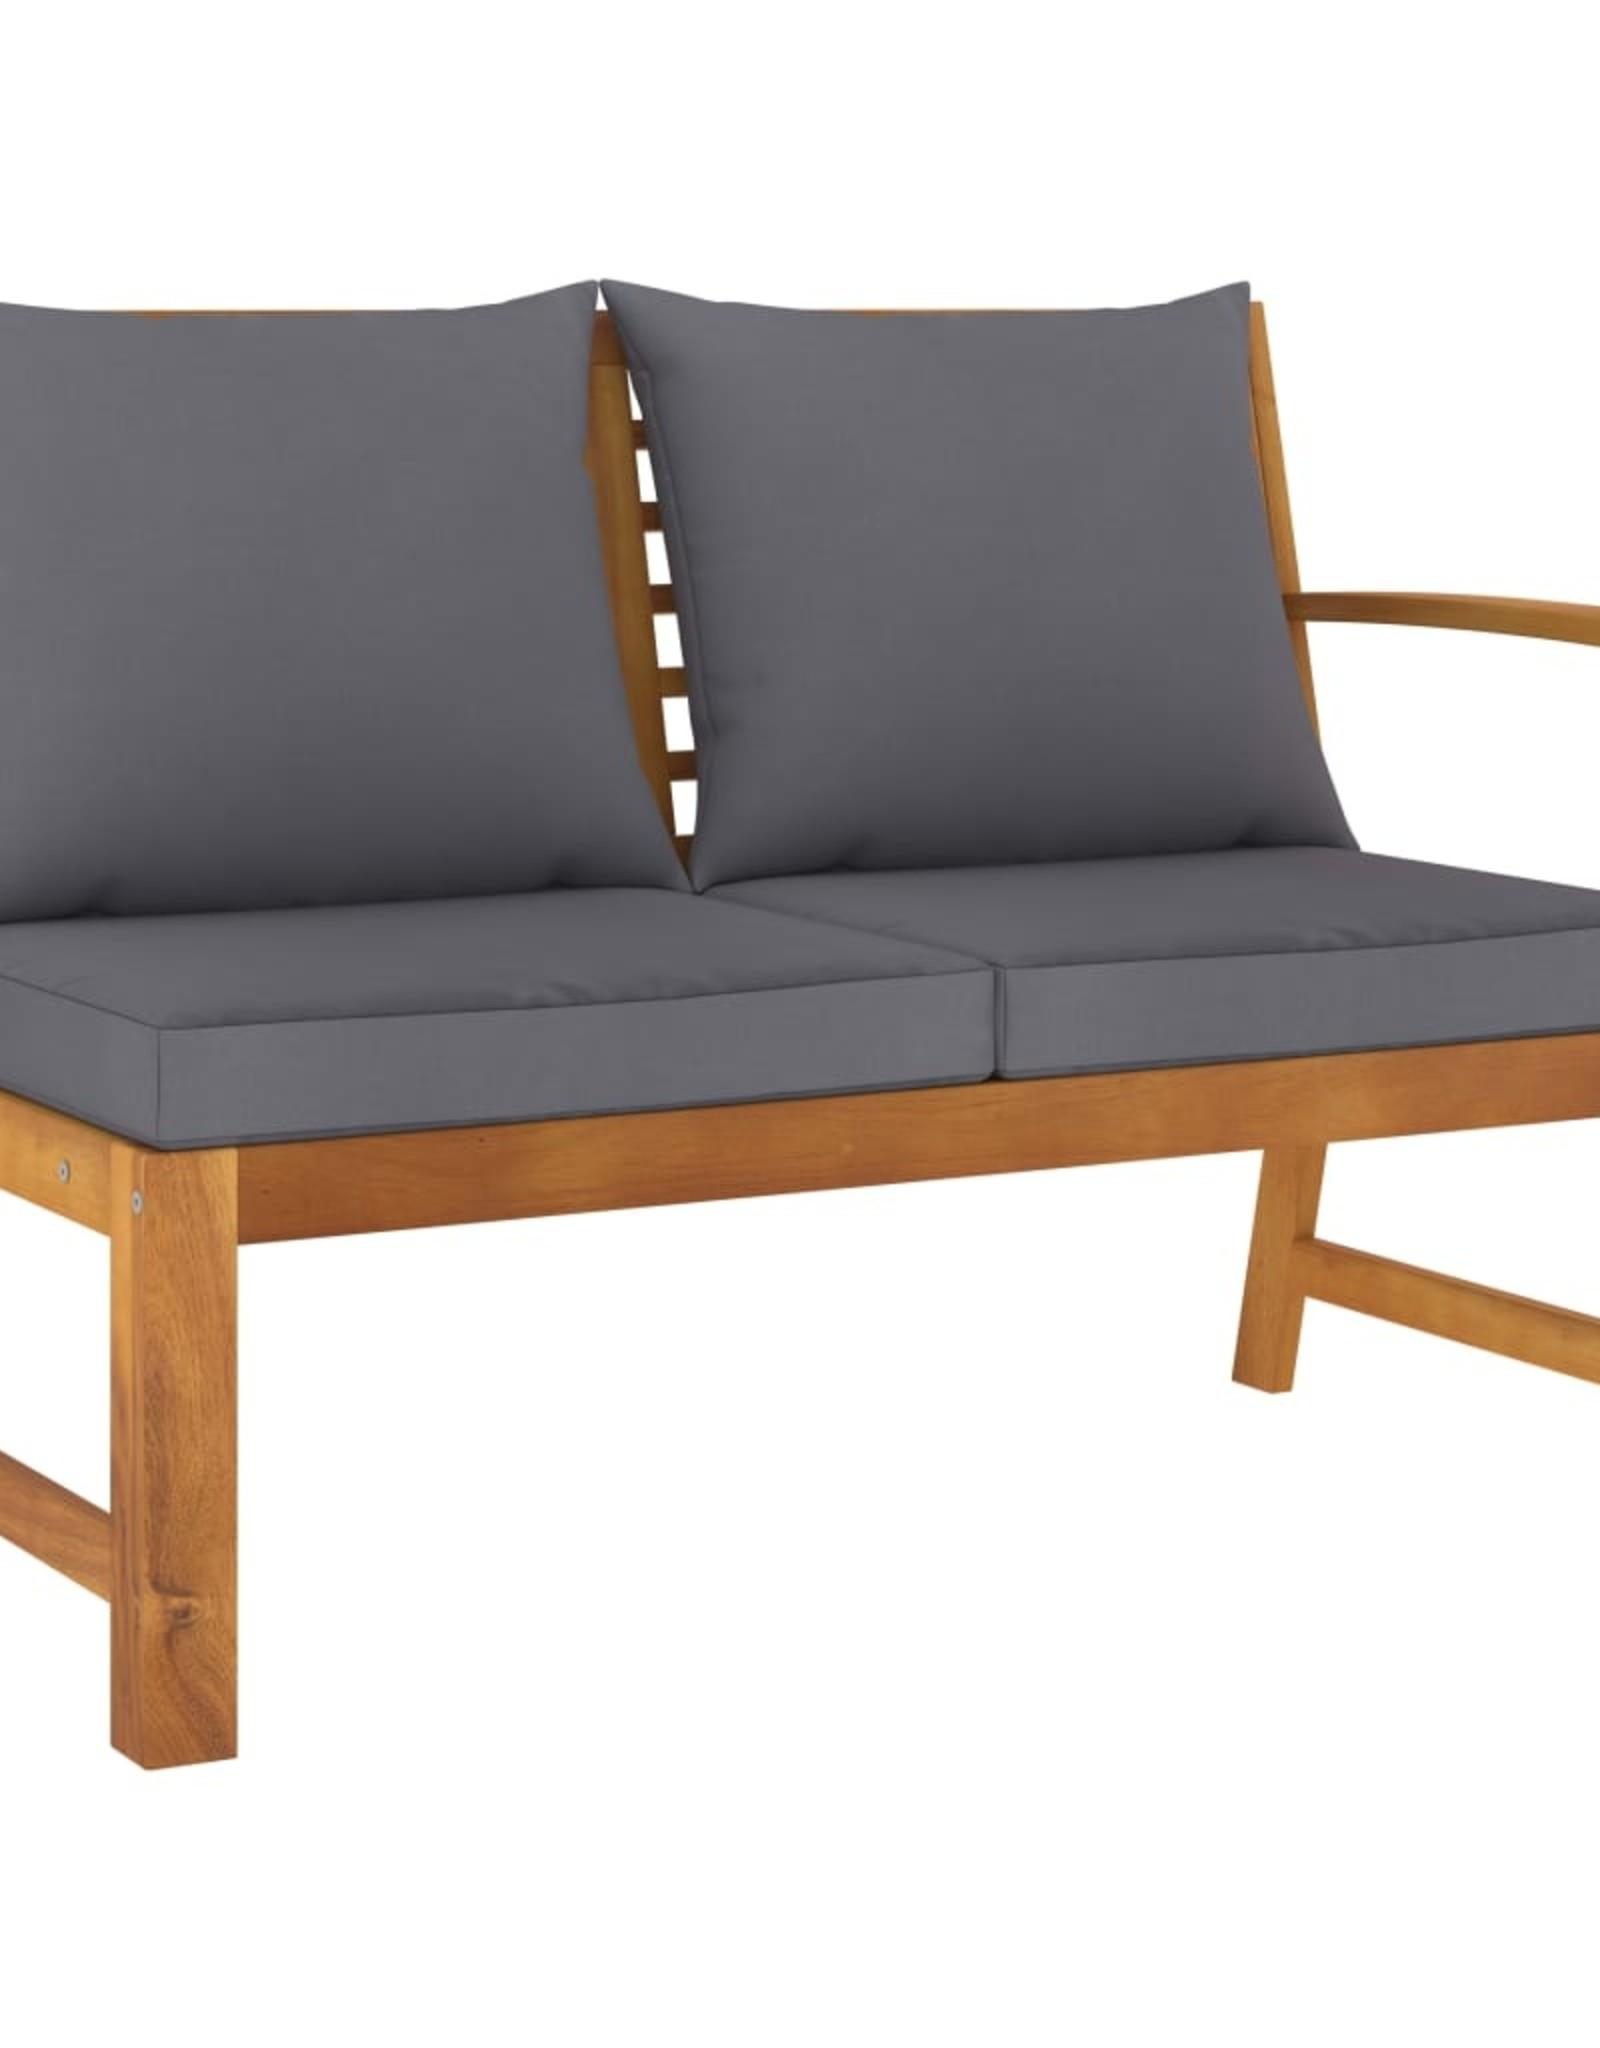 4-delige Loungeset met kussens massief acaciahout